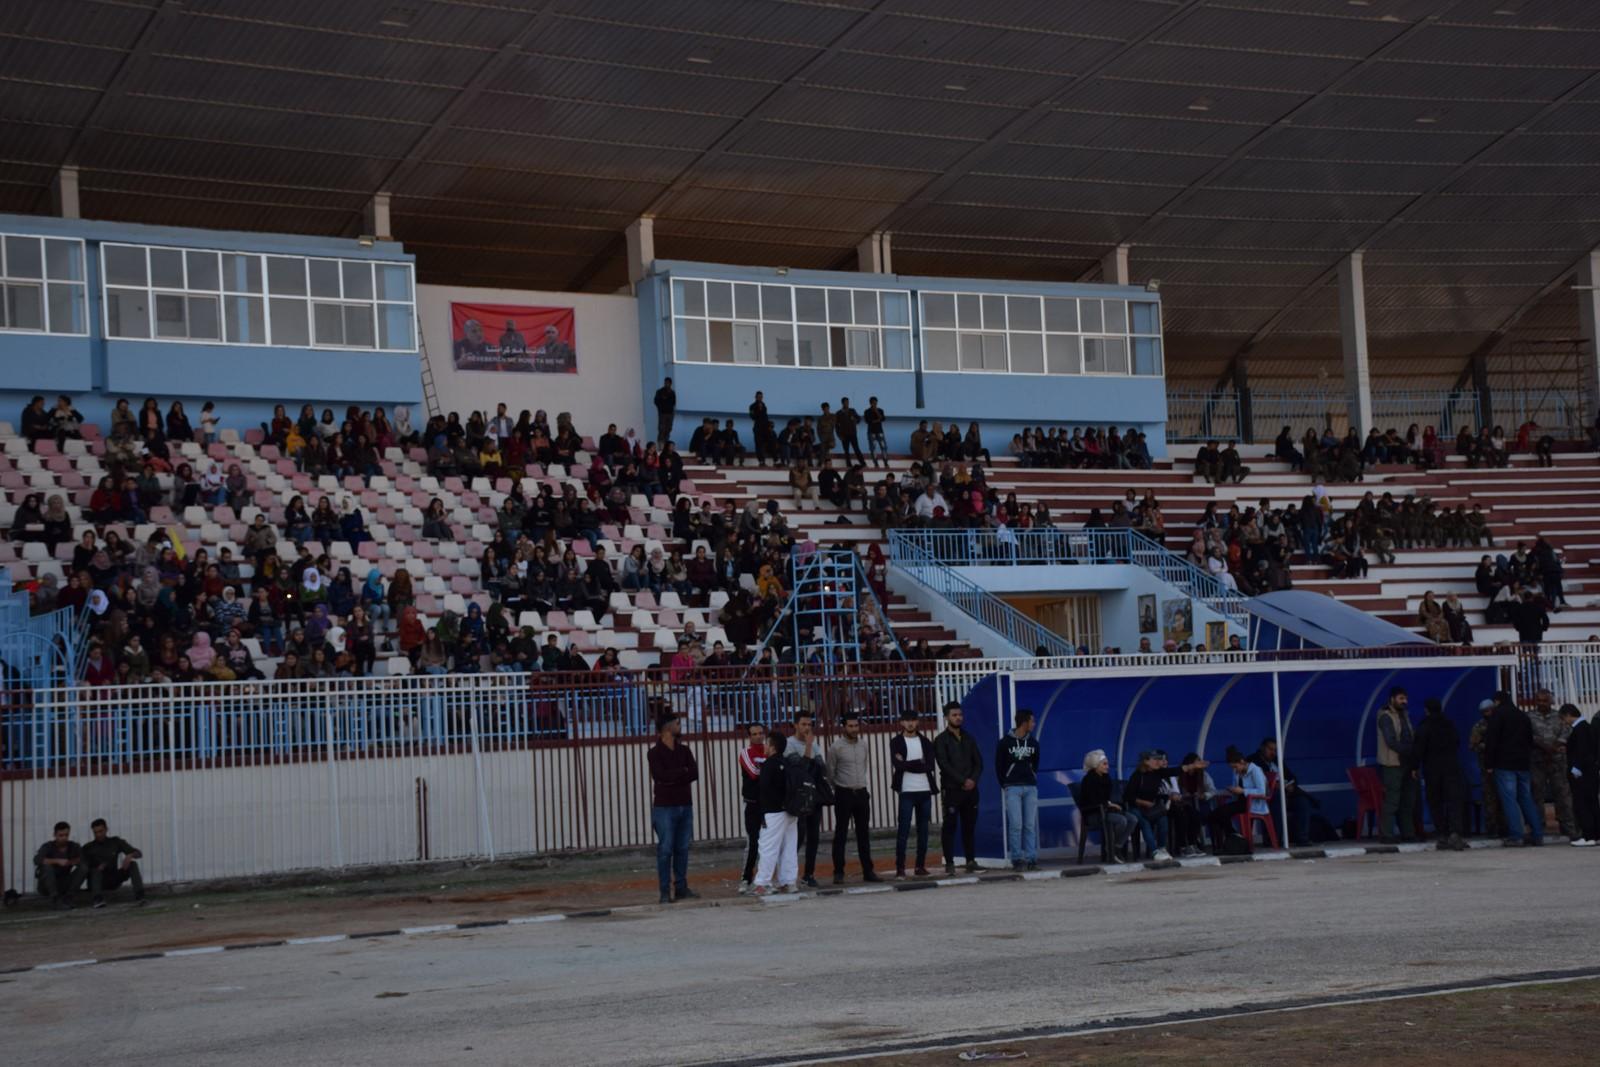 رفع صور قادة حزب العمال الكردستاني في ملعب الحسكة- 12 من تشرين الثاني 2018 (هاوار)